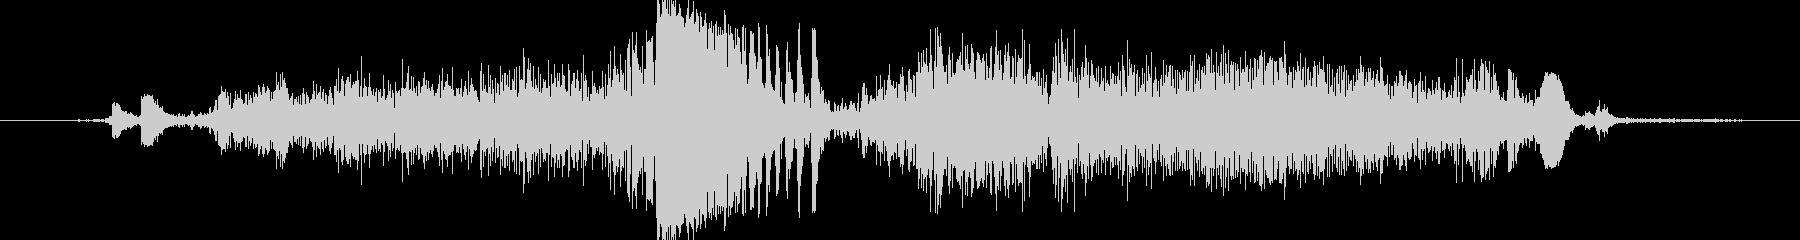 紙を断裁機で切断する時の音の未再生の波形